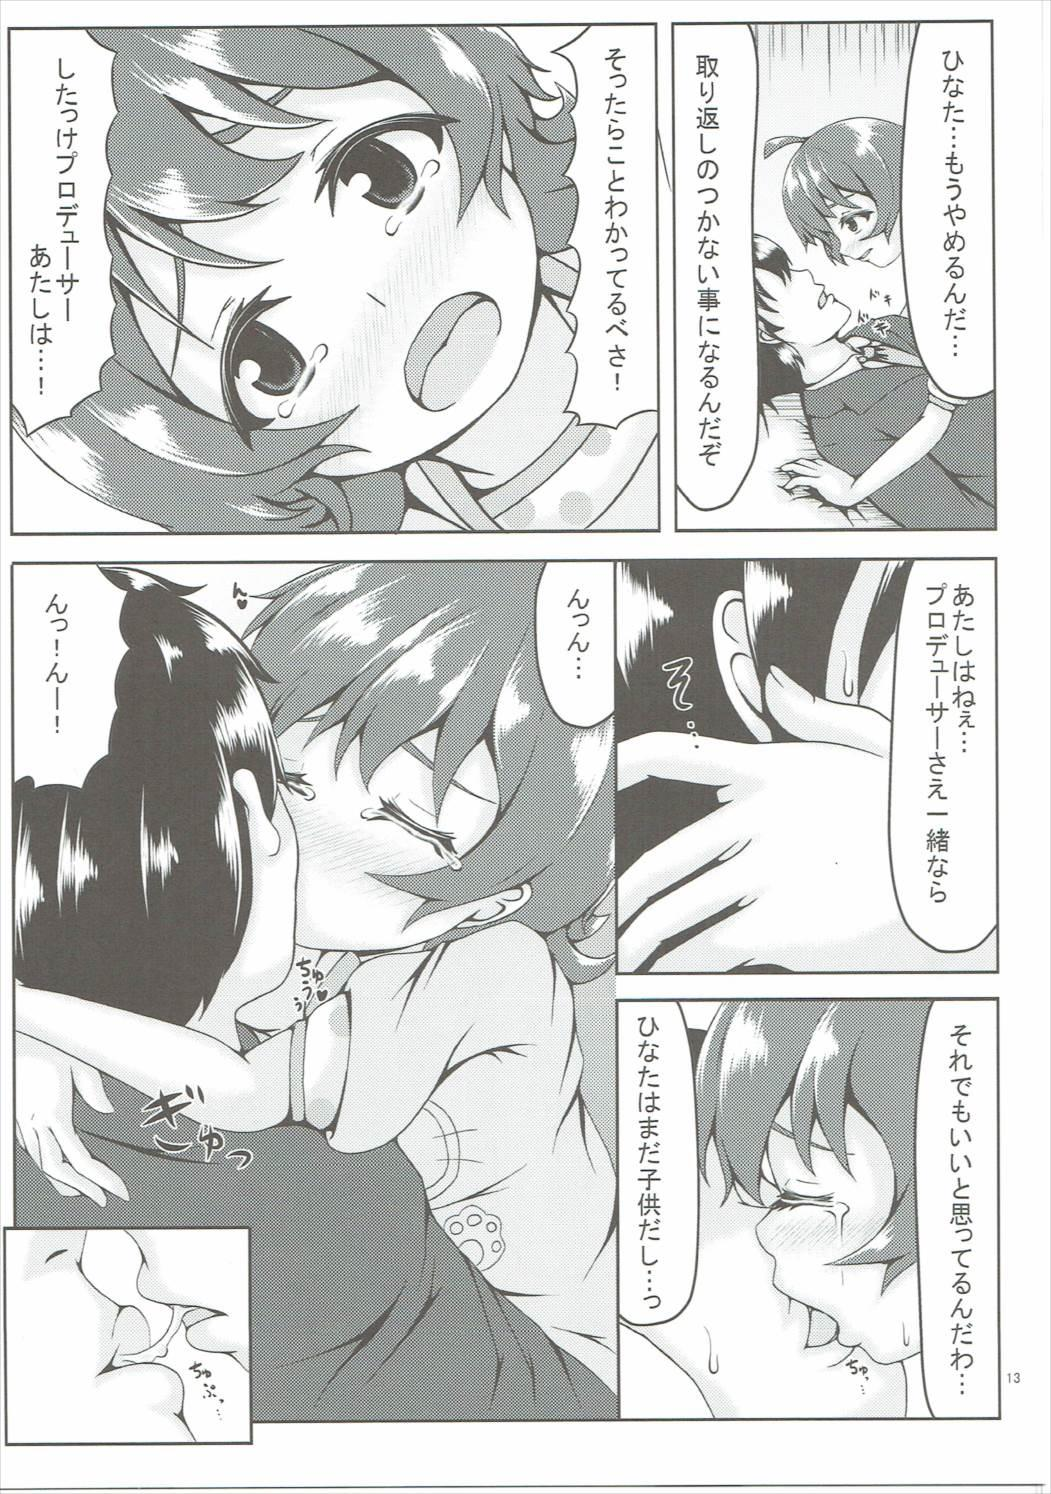 Koi Suru Taiyou no Hana 11